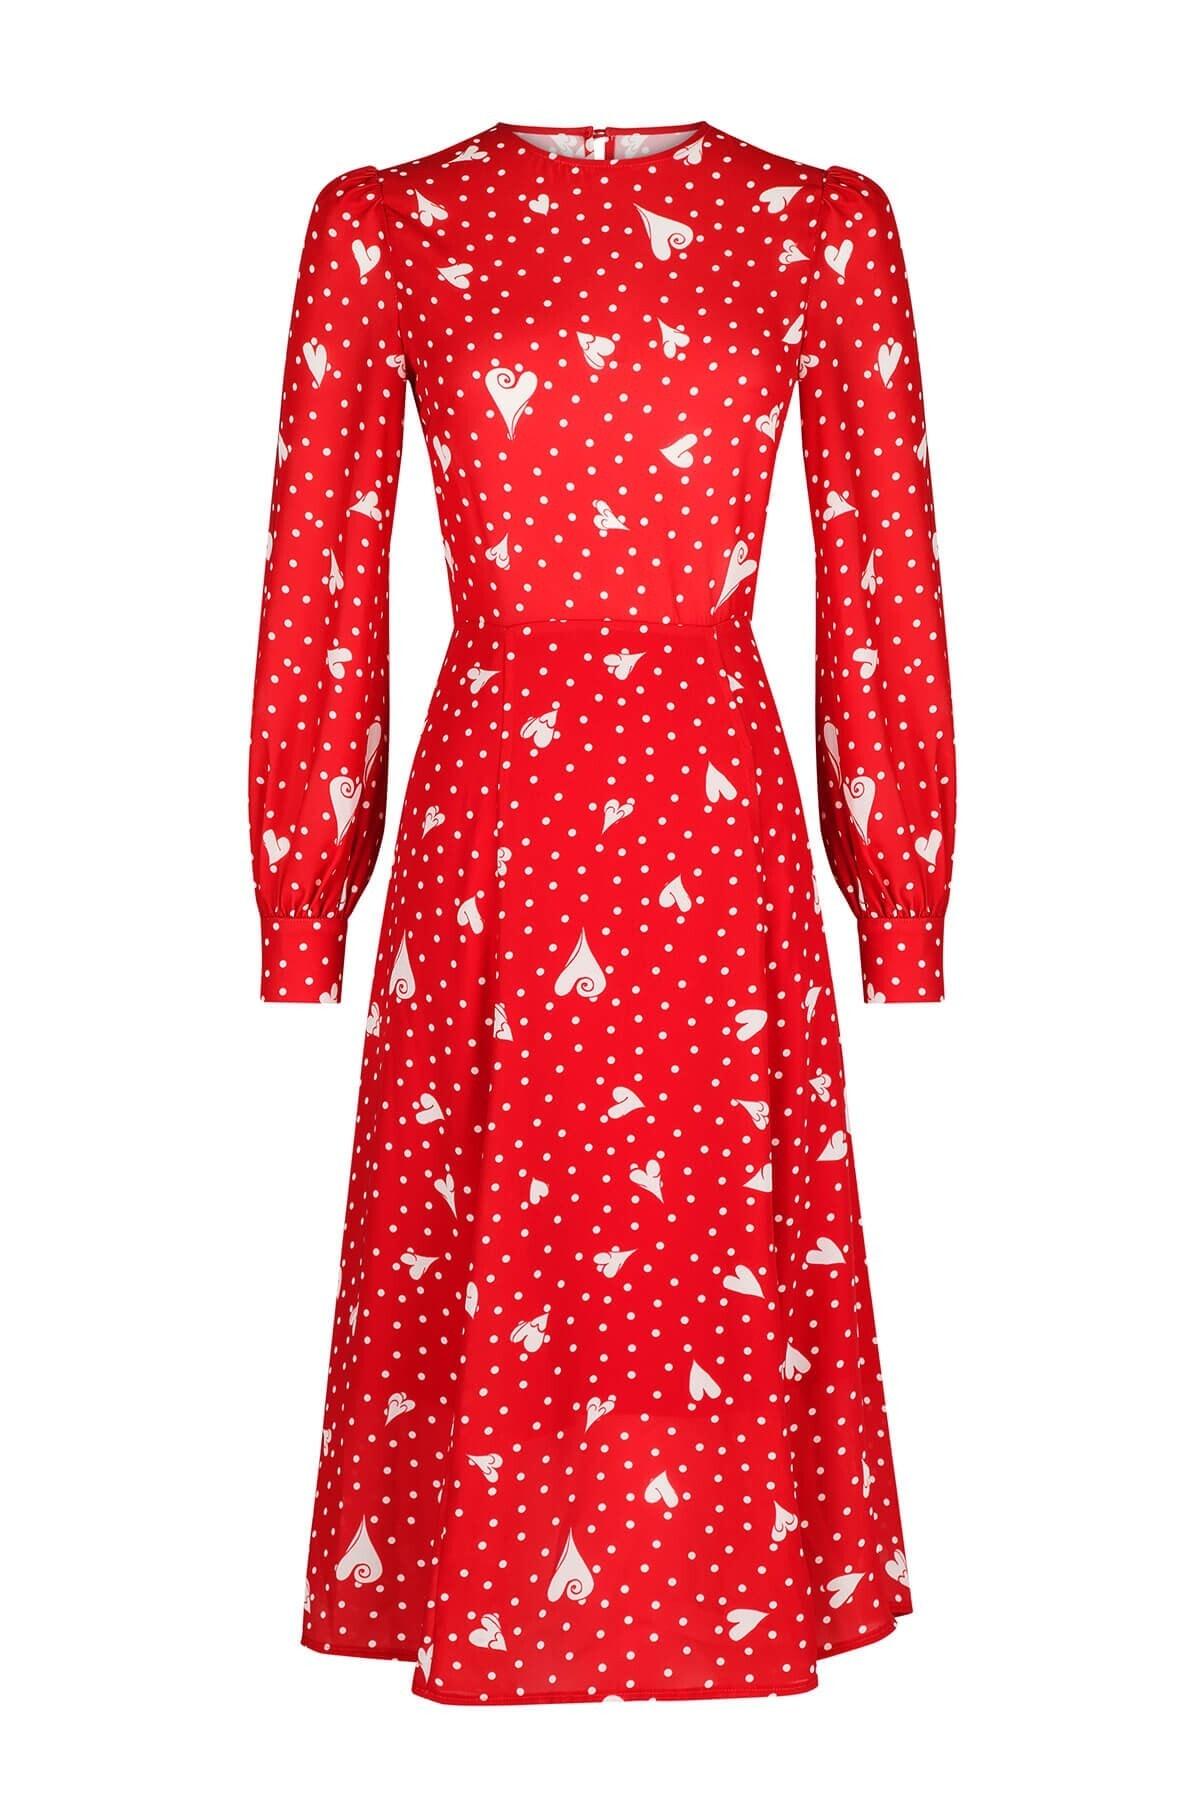 The Latest Thing Gıselle Kalp Desenli Sırtı Açık Elbise 2745952 2